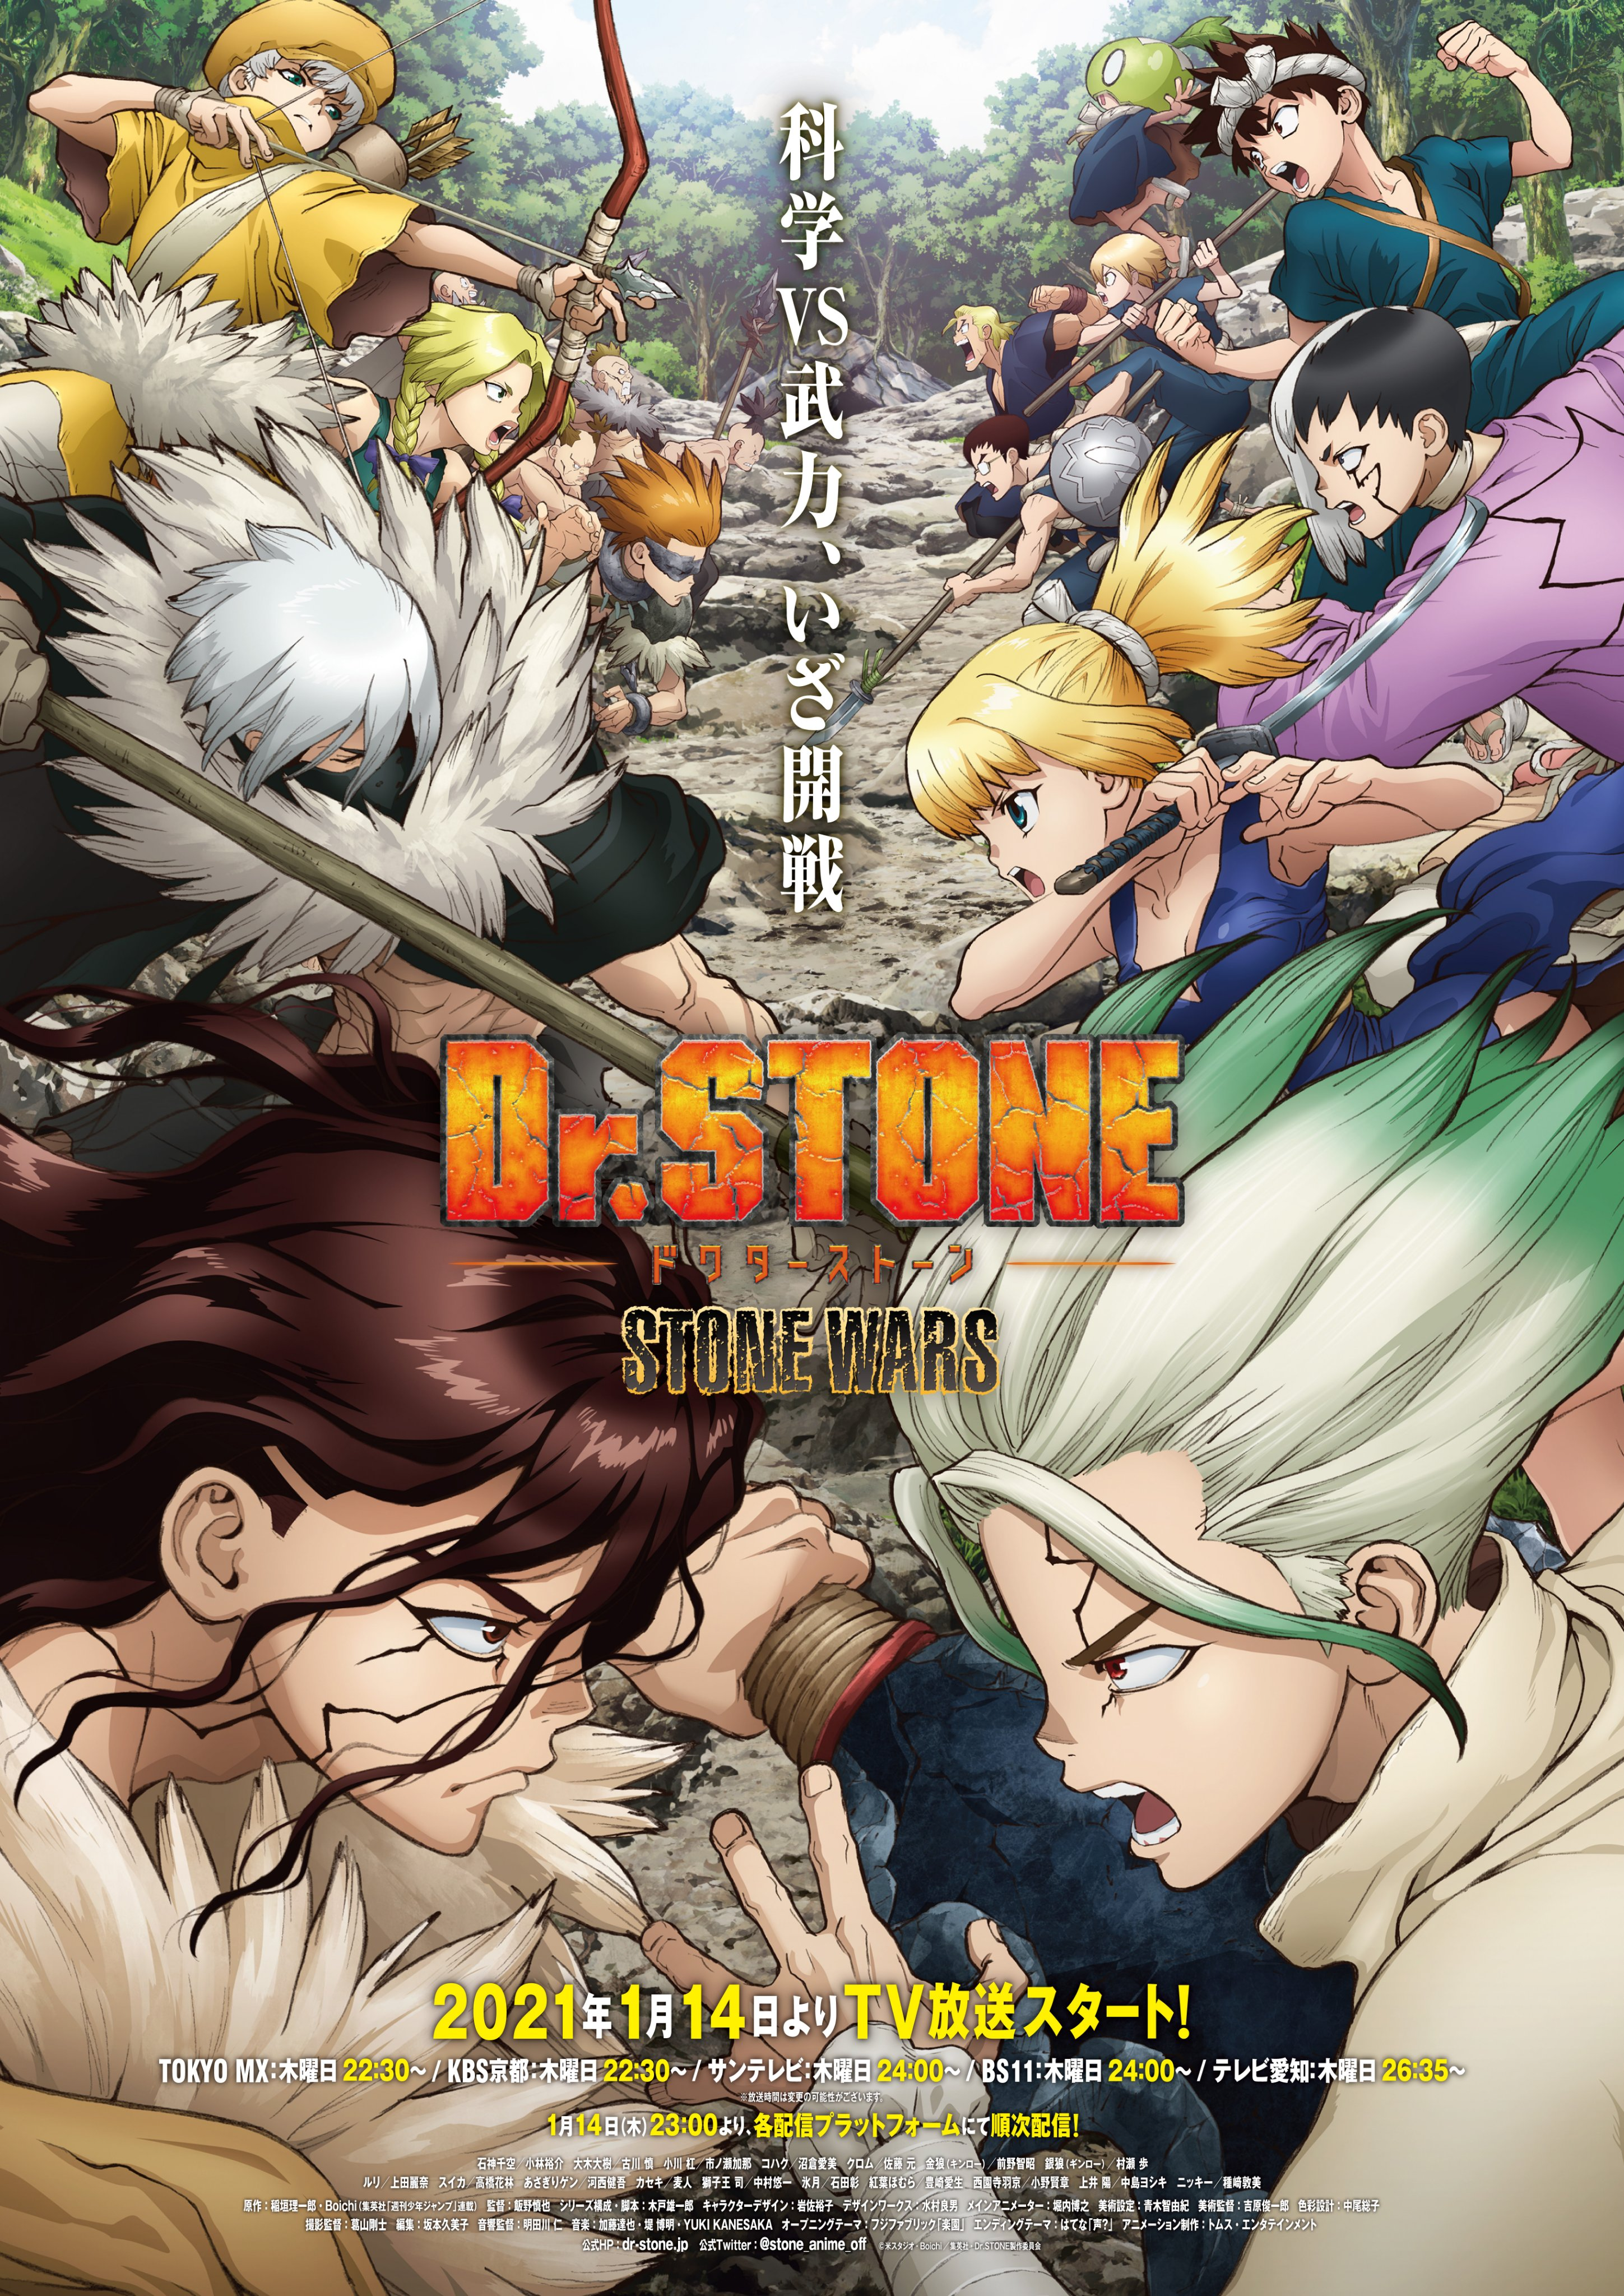 Dr.Stone Stone Wars key visual